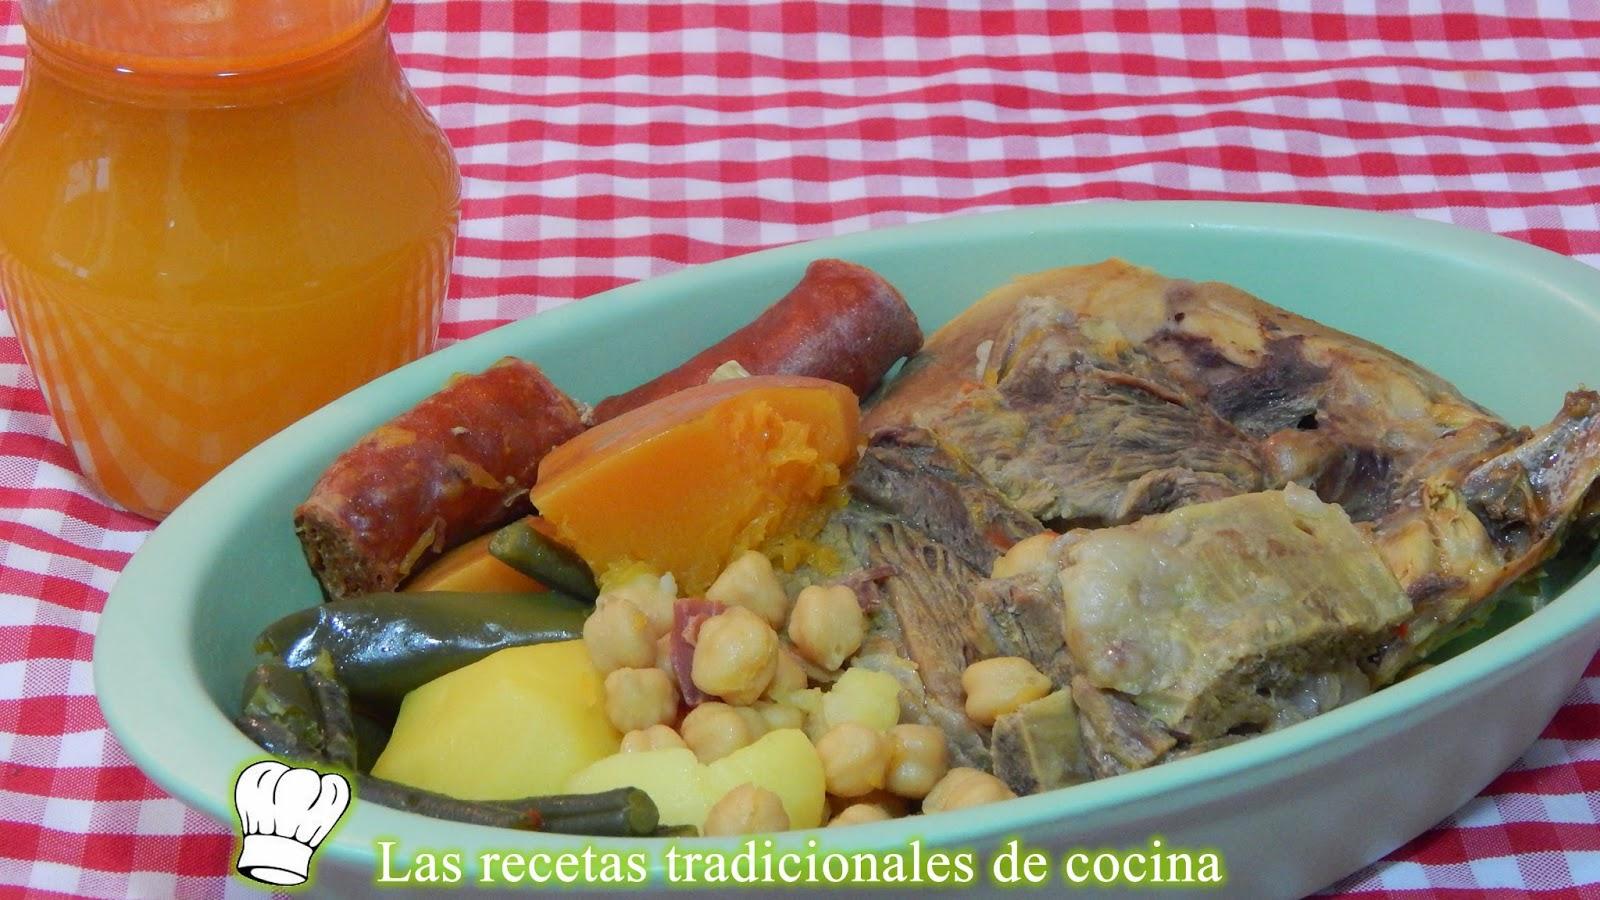 Recetas De Cocina Andaluza Tradicional | Como Hacer Cocido O Puchero Andaluz Recetas De Cocina Con Sabor